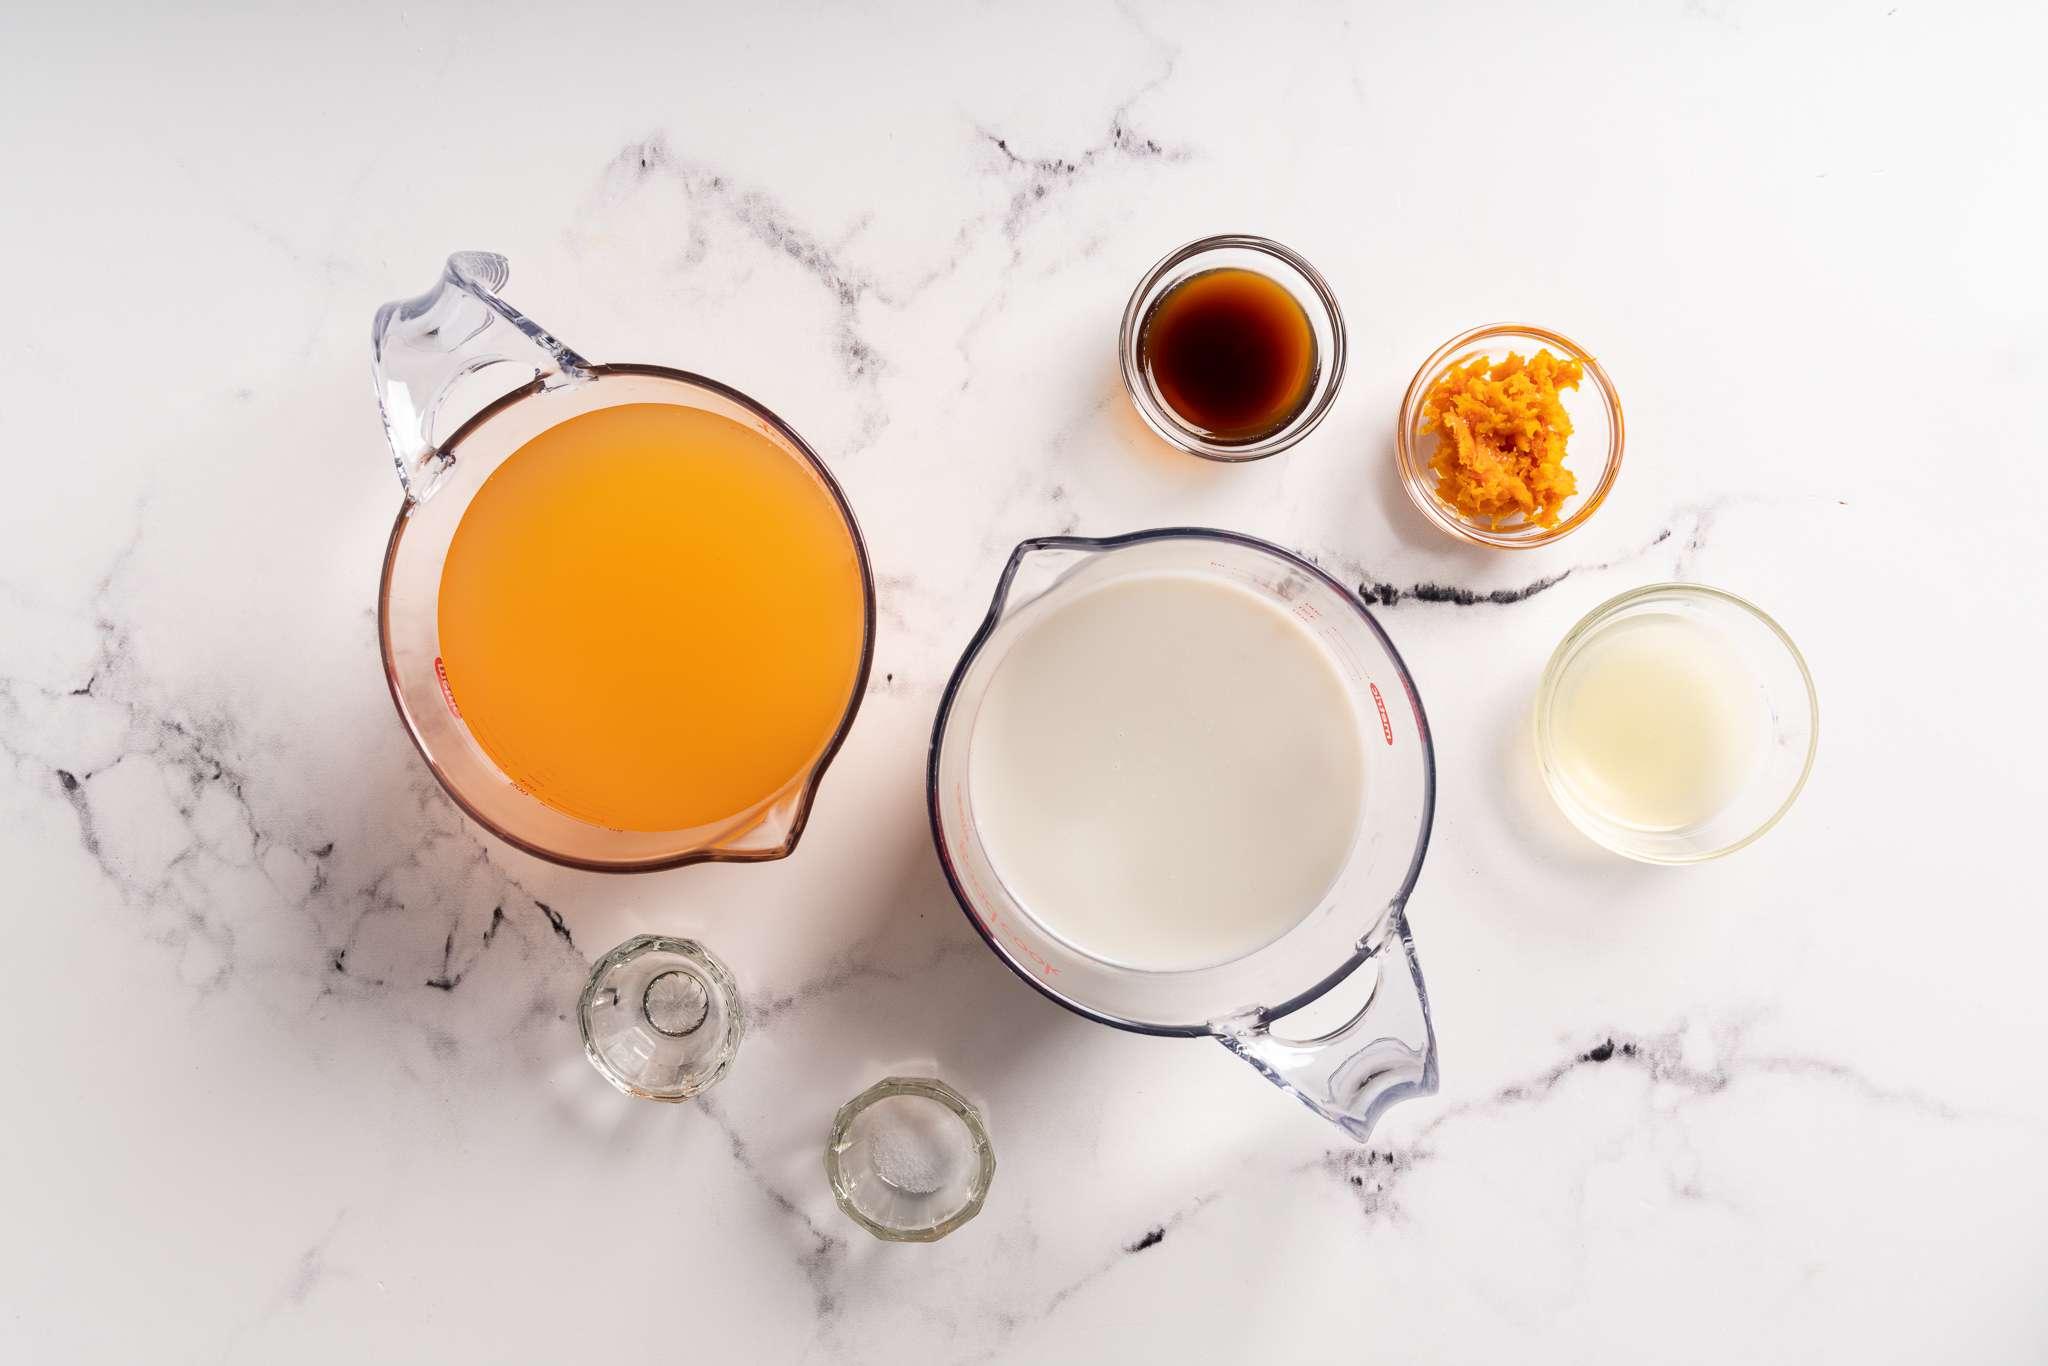 Sugar-Free Low-Carb Orange Sorbet ingredients